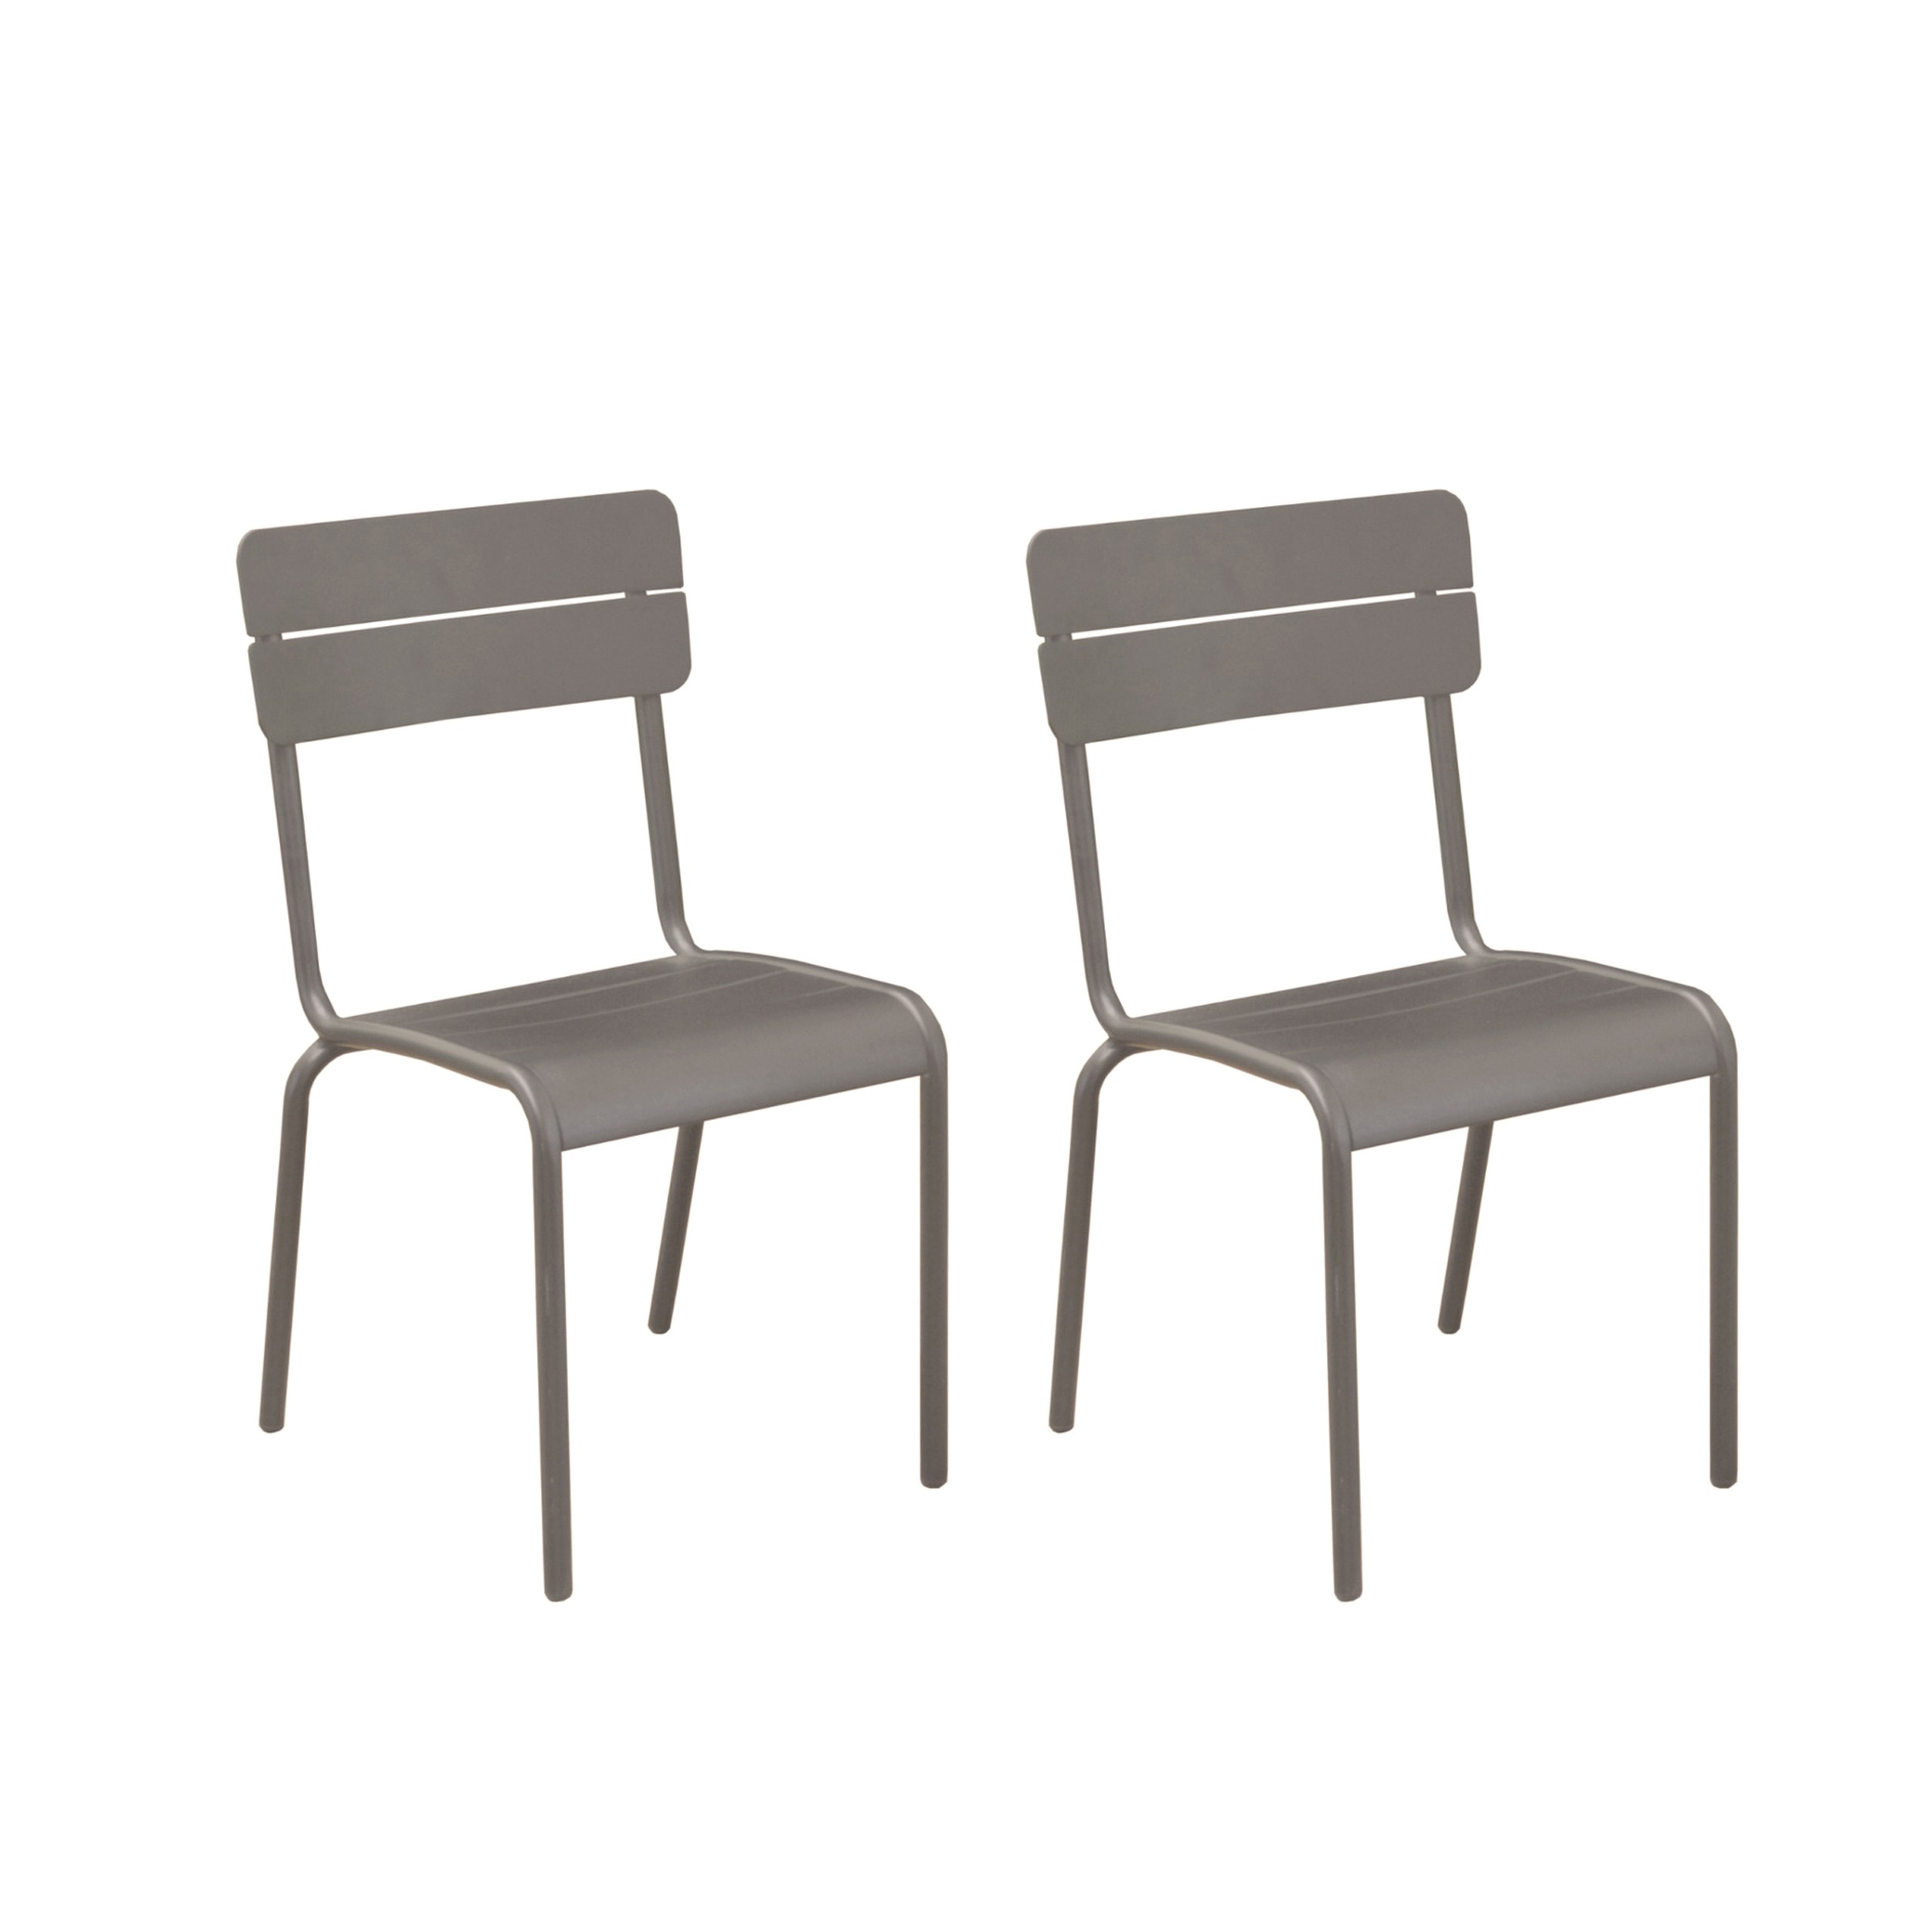 chaise de jardin casilda taupe lot de 2 commandez nos lots de 2 chaises de jardin casilda. Black Bedroom Furniture Sets. Home Design Ideas